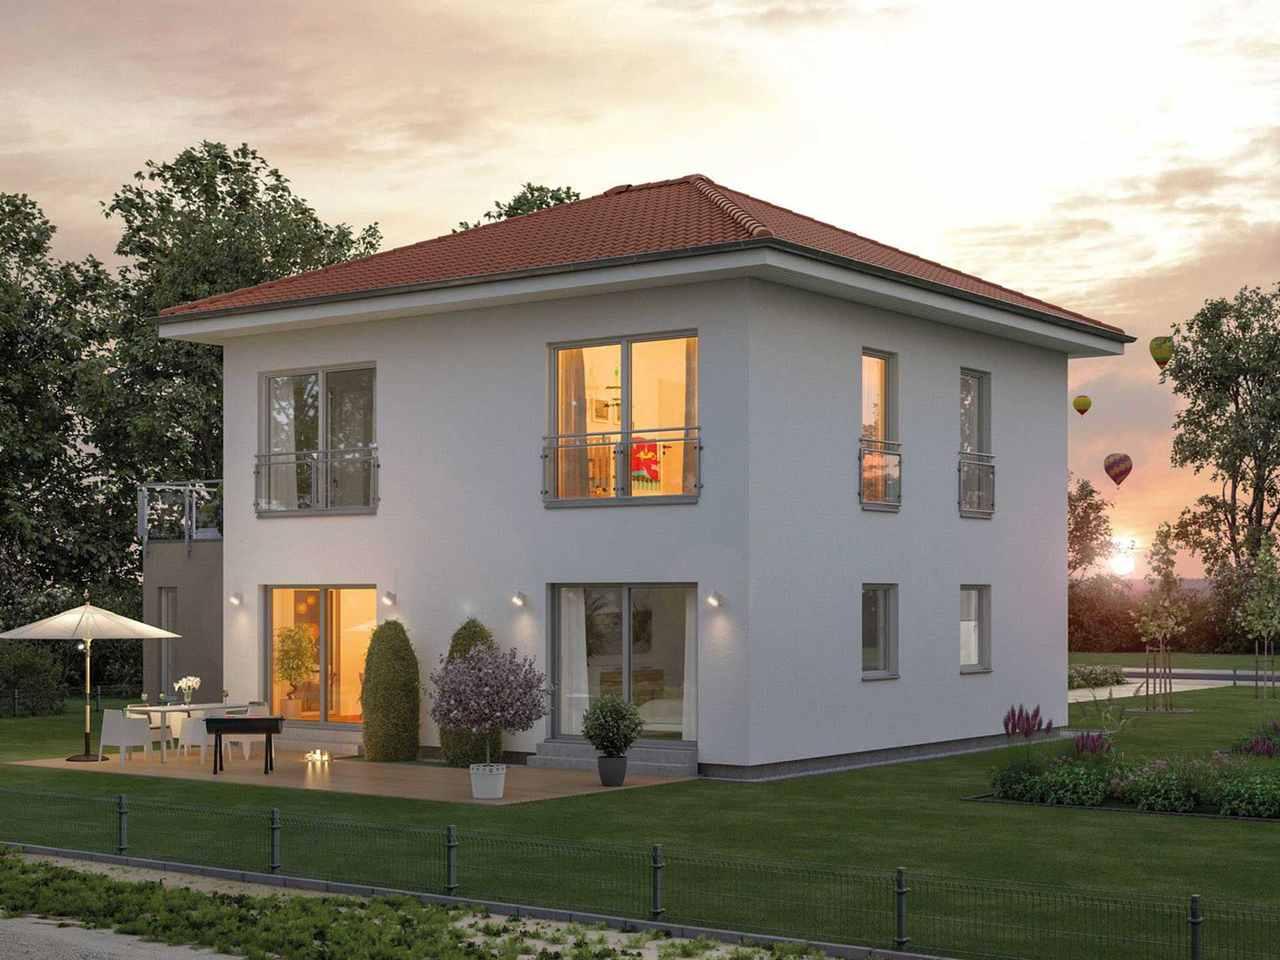 Stadtvilla ModernStyle 151 W Außenansicht